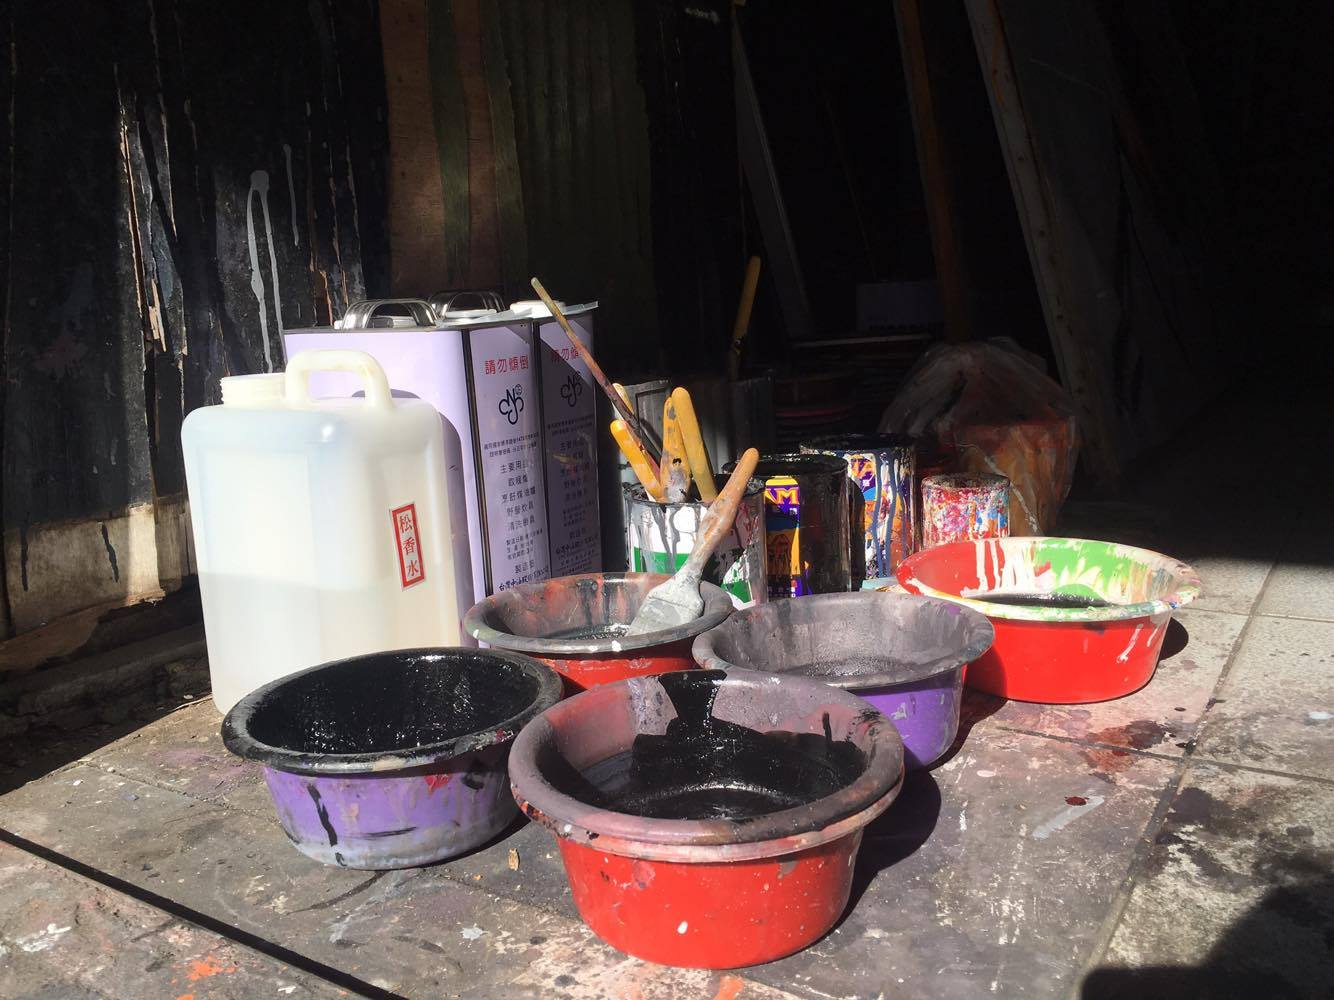 簡易的彩繪工具,憑藉著顏師傅高超的手藝,創作出一幅幅具生命力的電影看板作品。